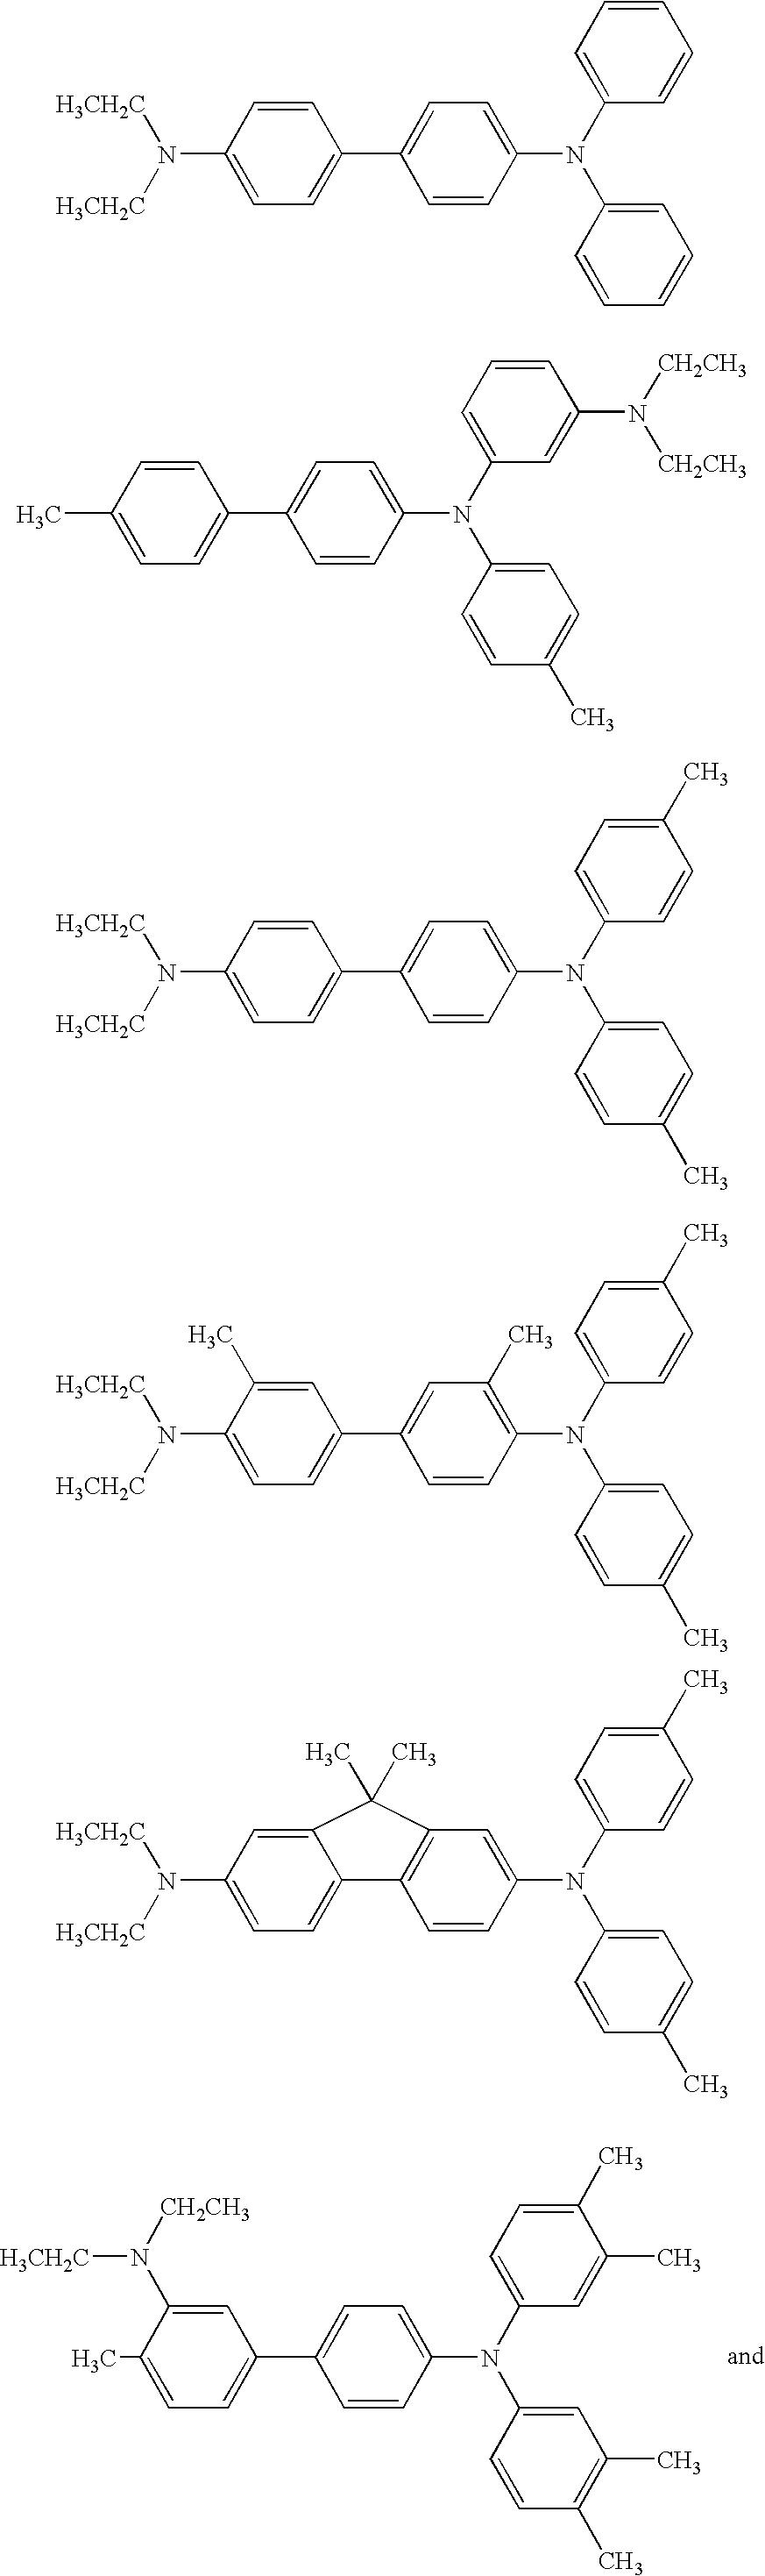 Figure US06861188-20050301-C00224